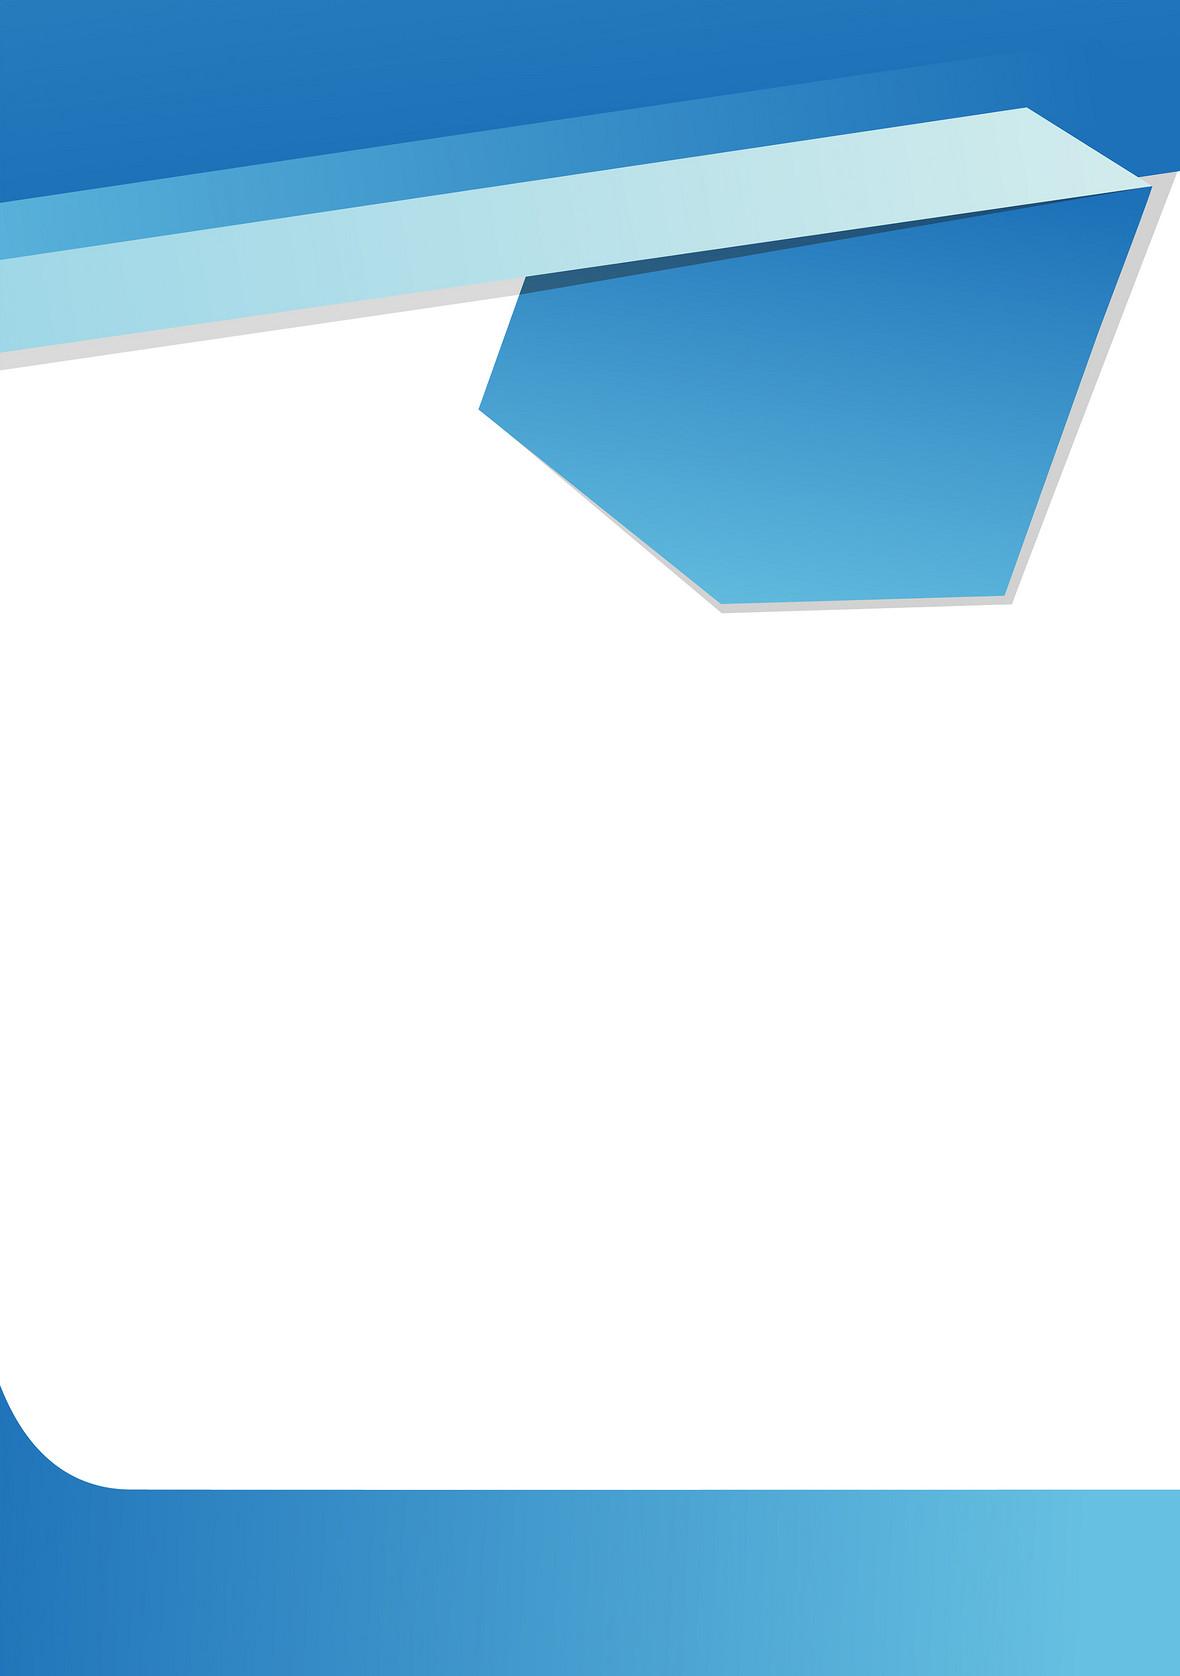 矢量几何蓝色背景素材